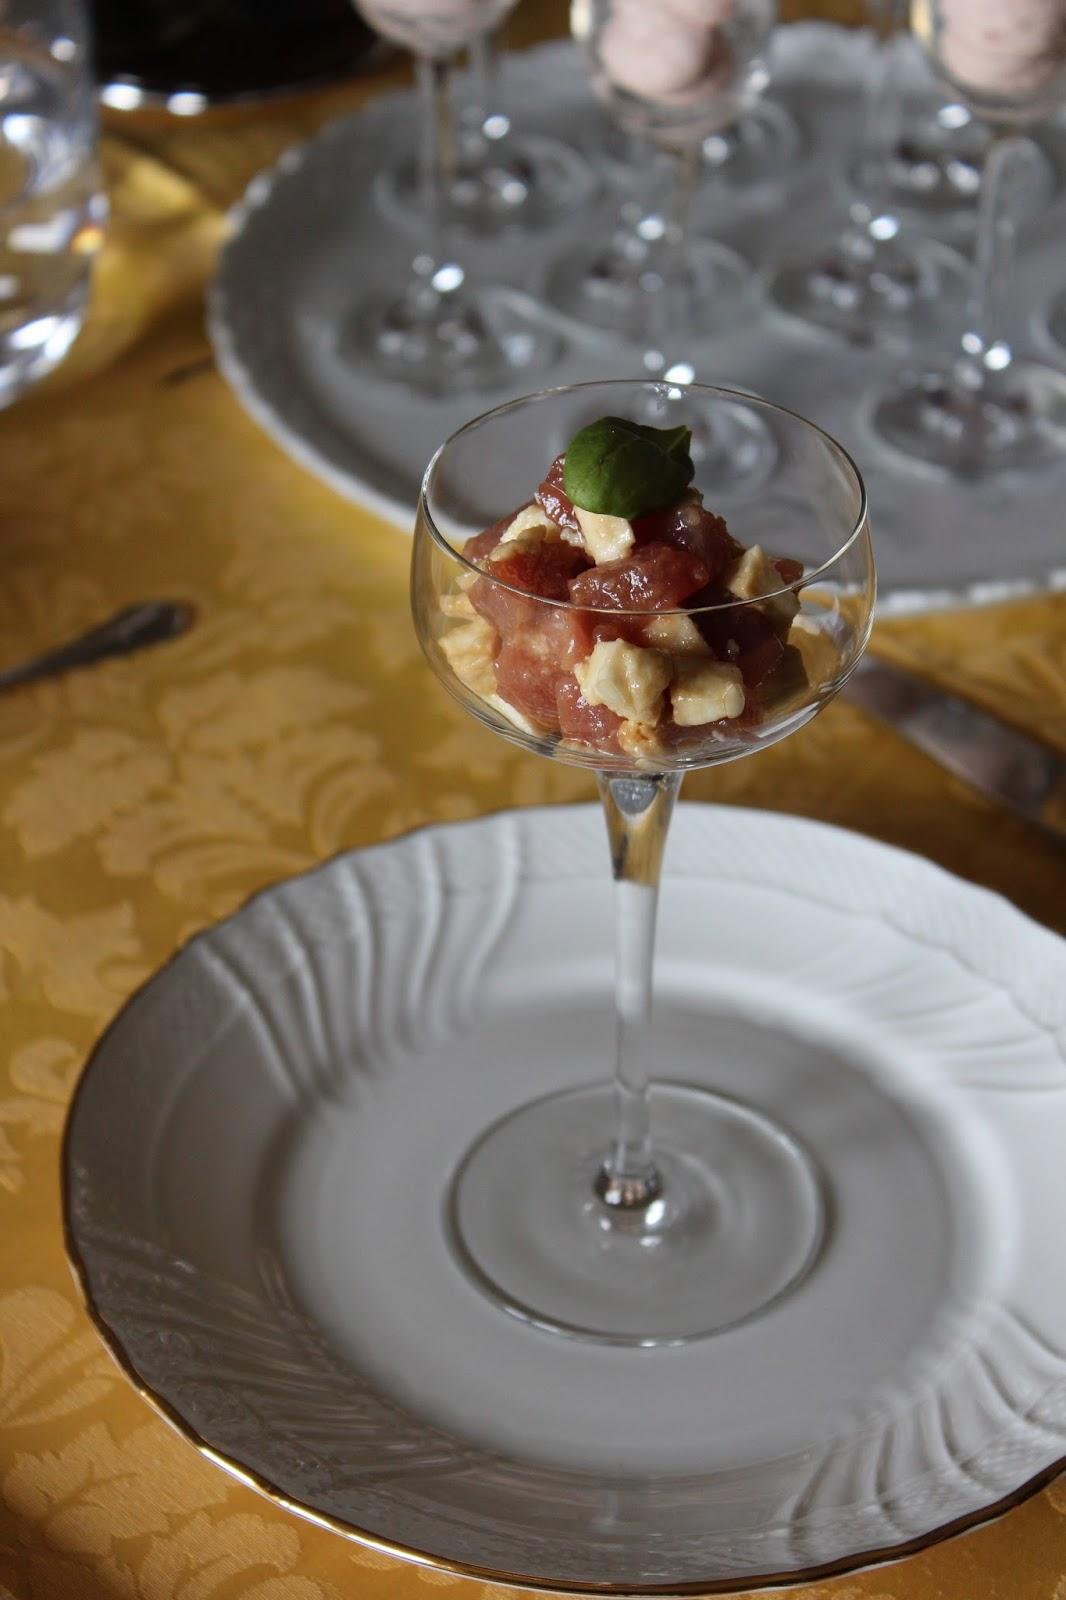 tartare di tonno fresco con mozzarella di bufala e vinaigrette alla salsa di soia.